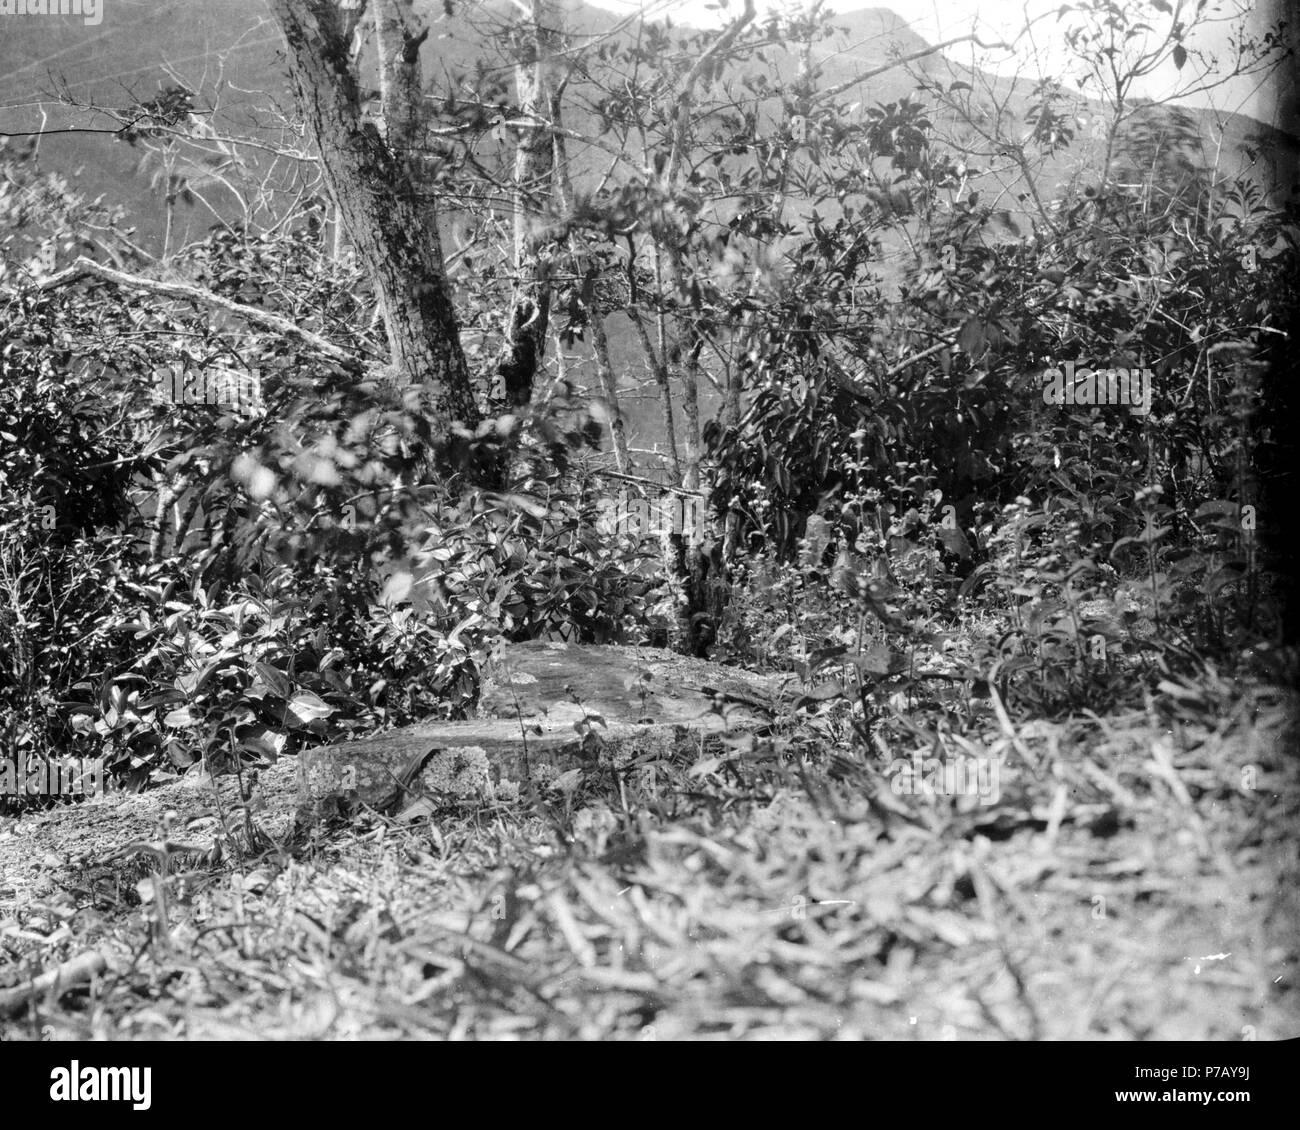 125 Från gammal boplats vid Rio Tuiche. Sydamerika, Rio Tuiche. Bolivia - SMVK - 002436 - Stock Image